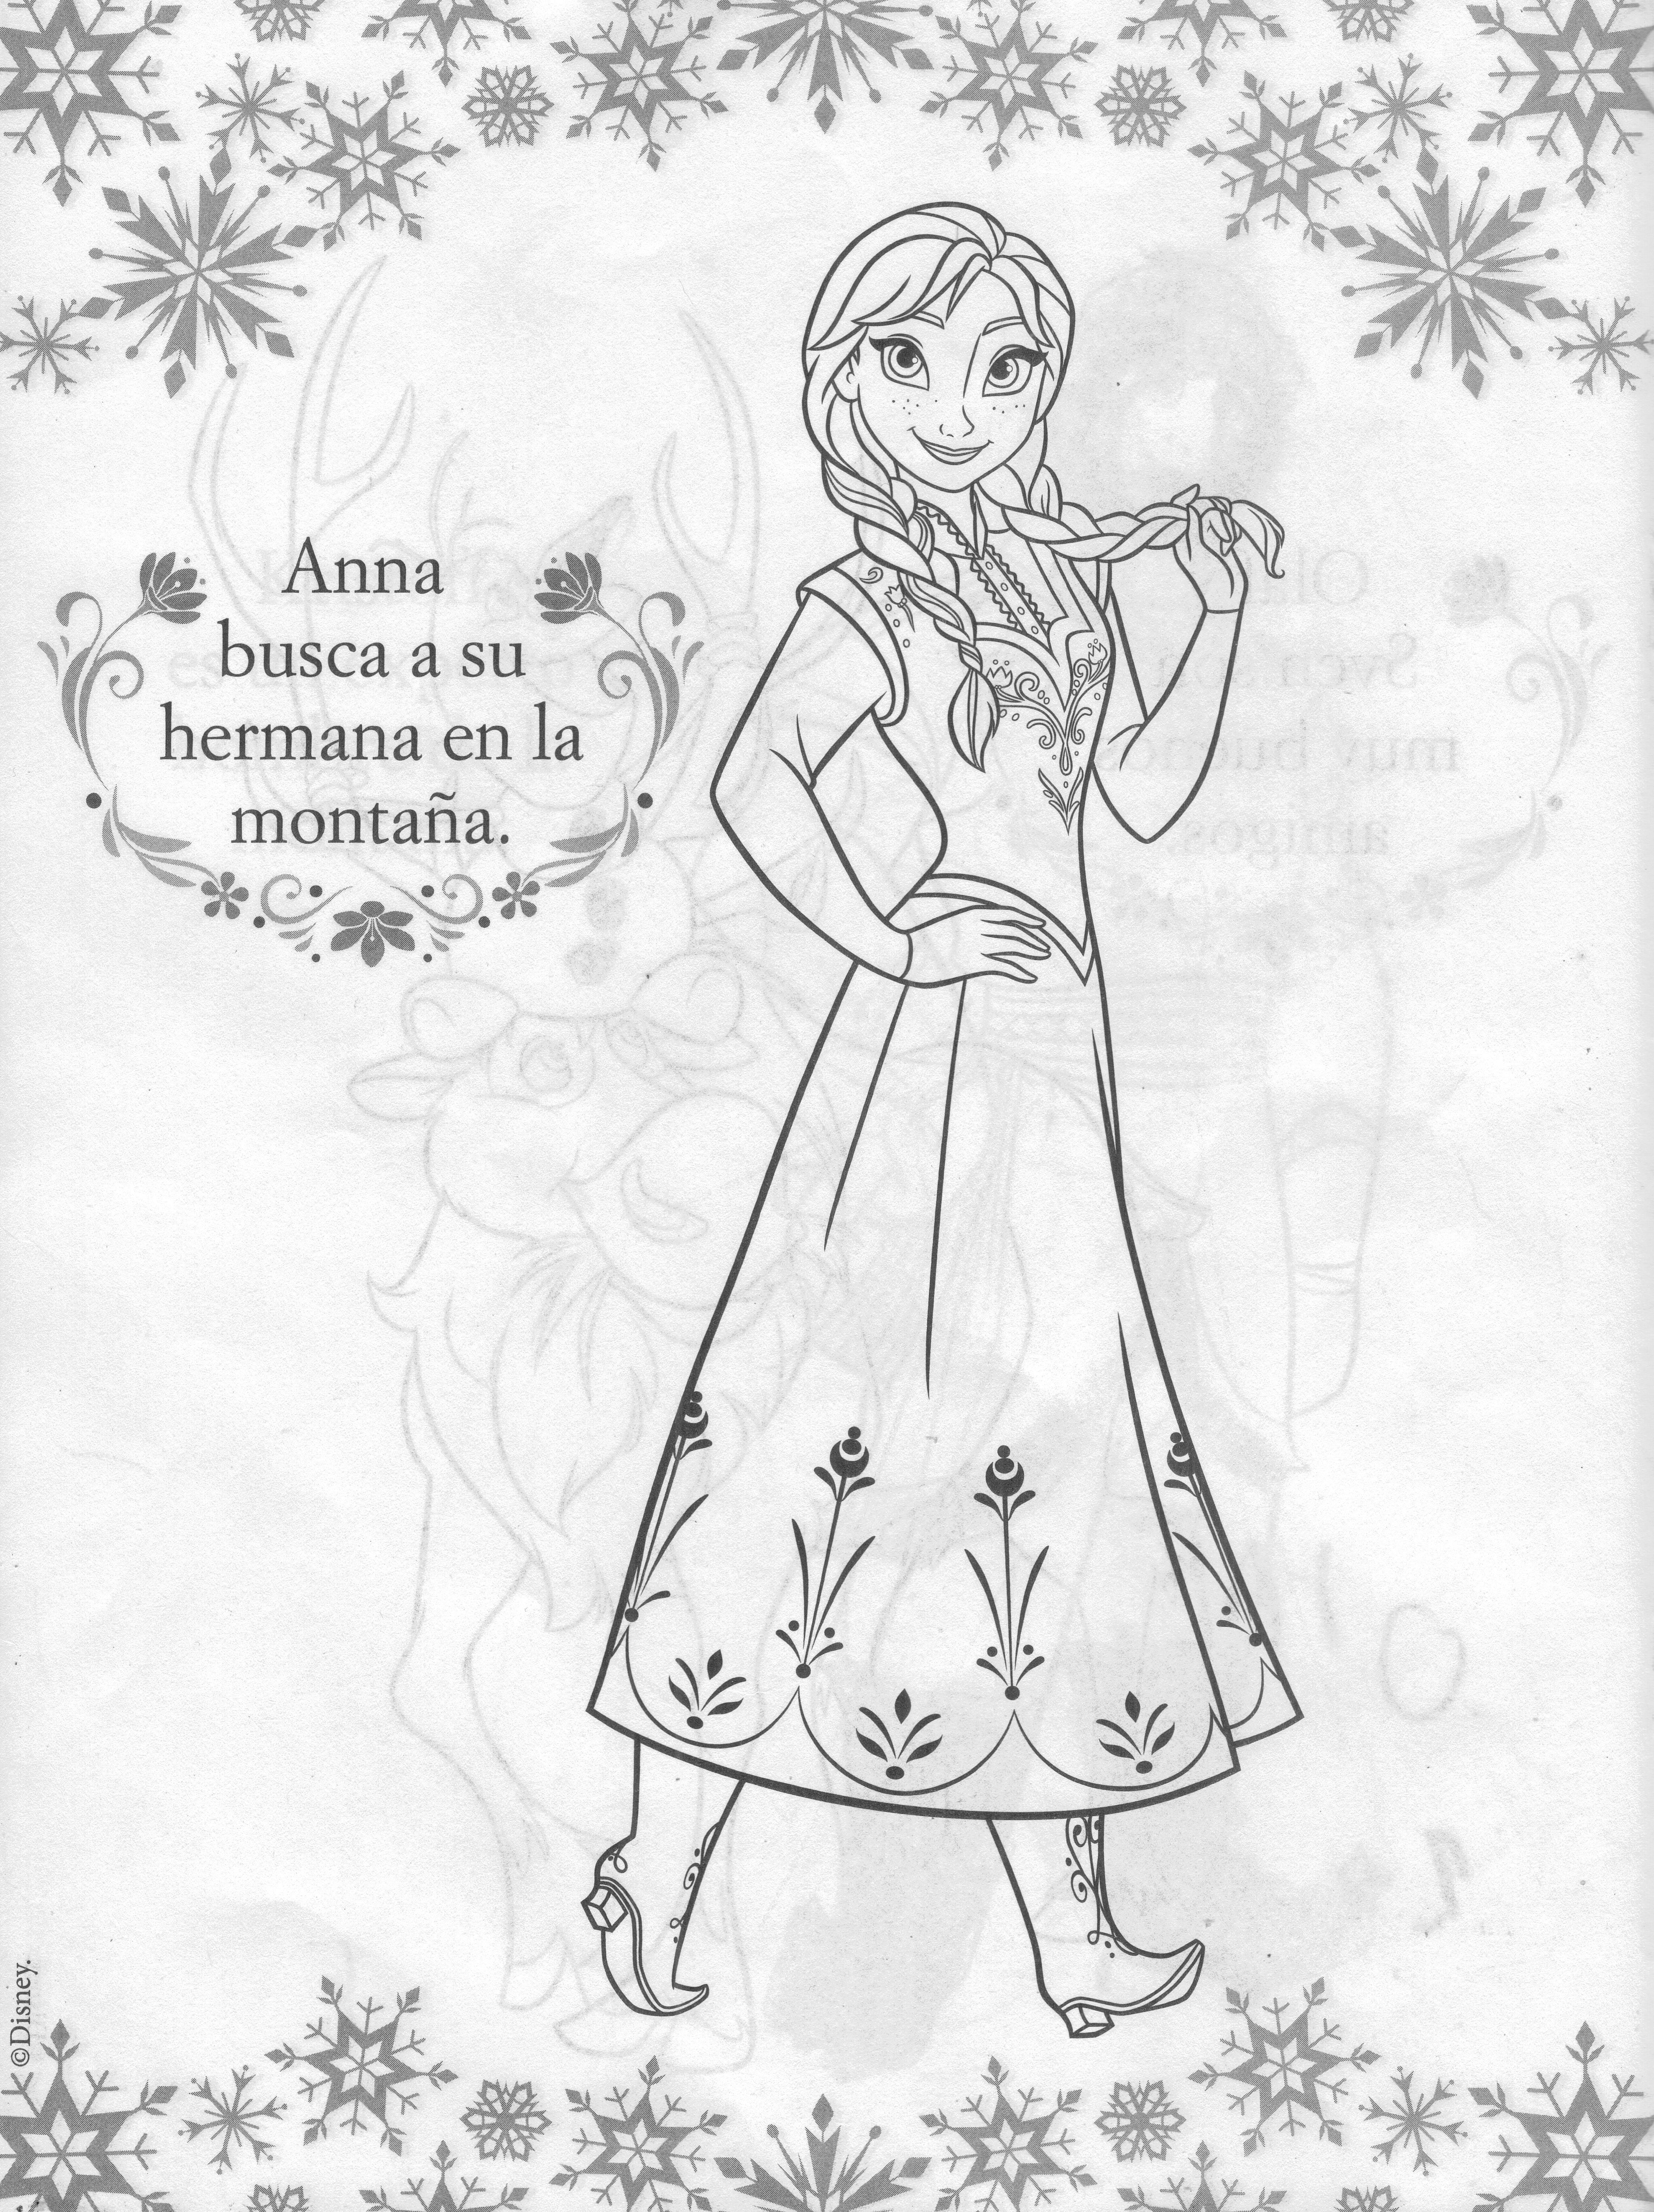 Ana de frozen un dibujo para colorear / a disney frozen princess ...